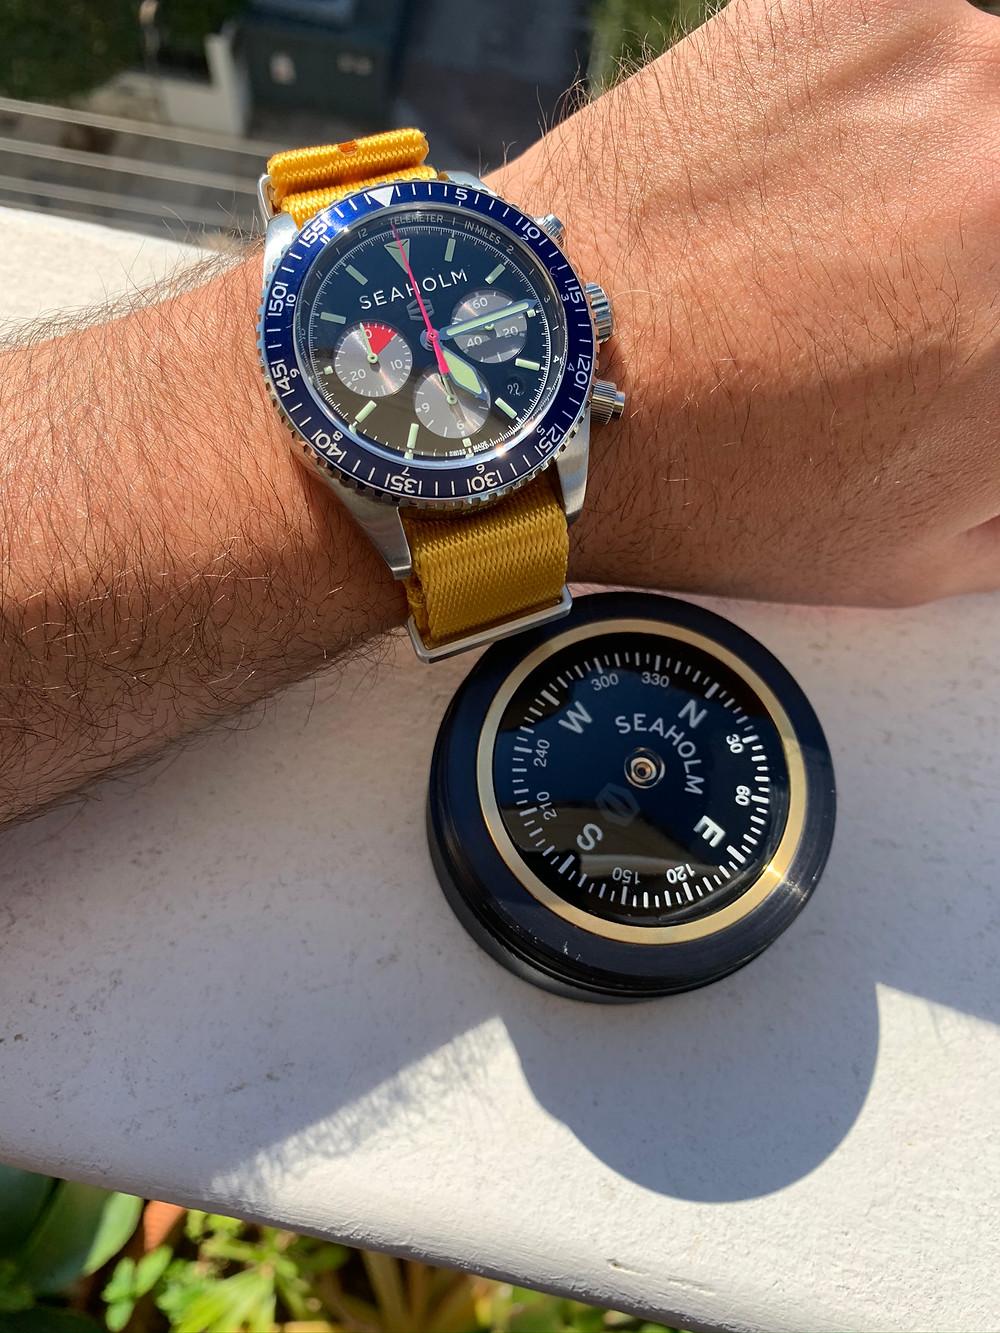 Seaholm Flats Seaholm Compass